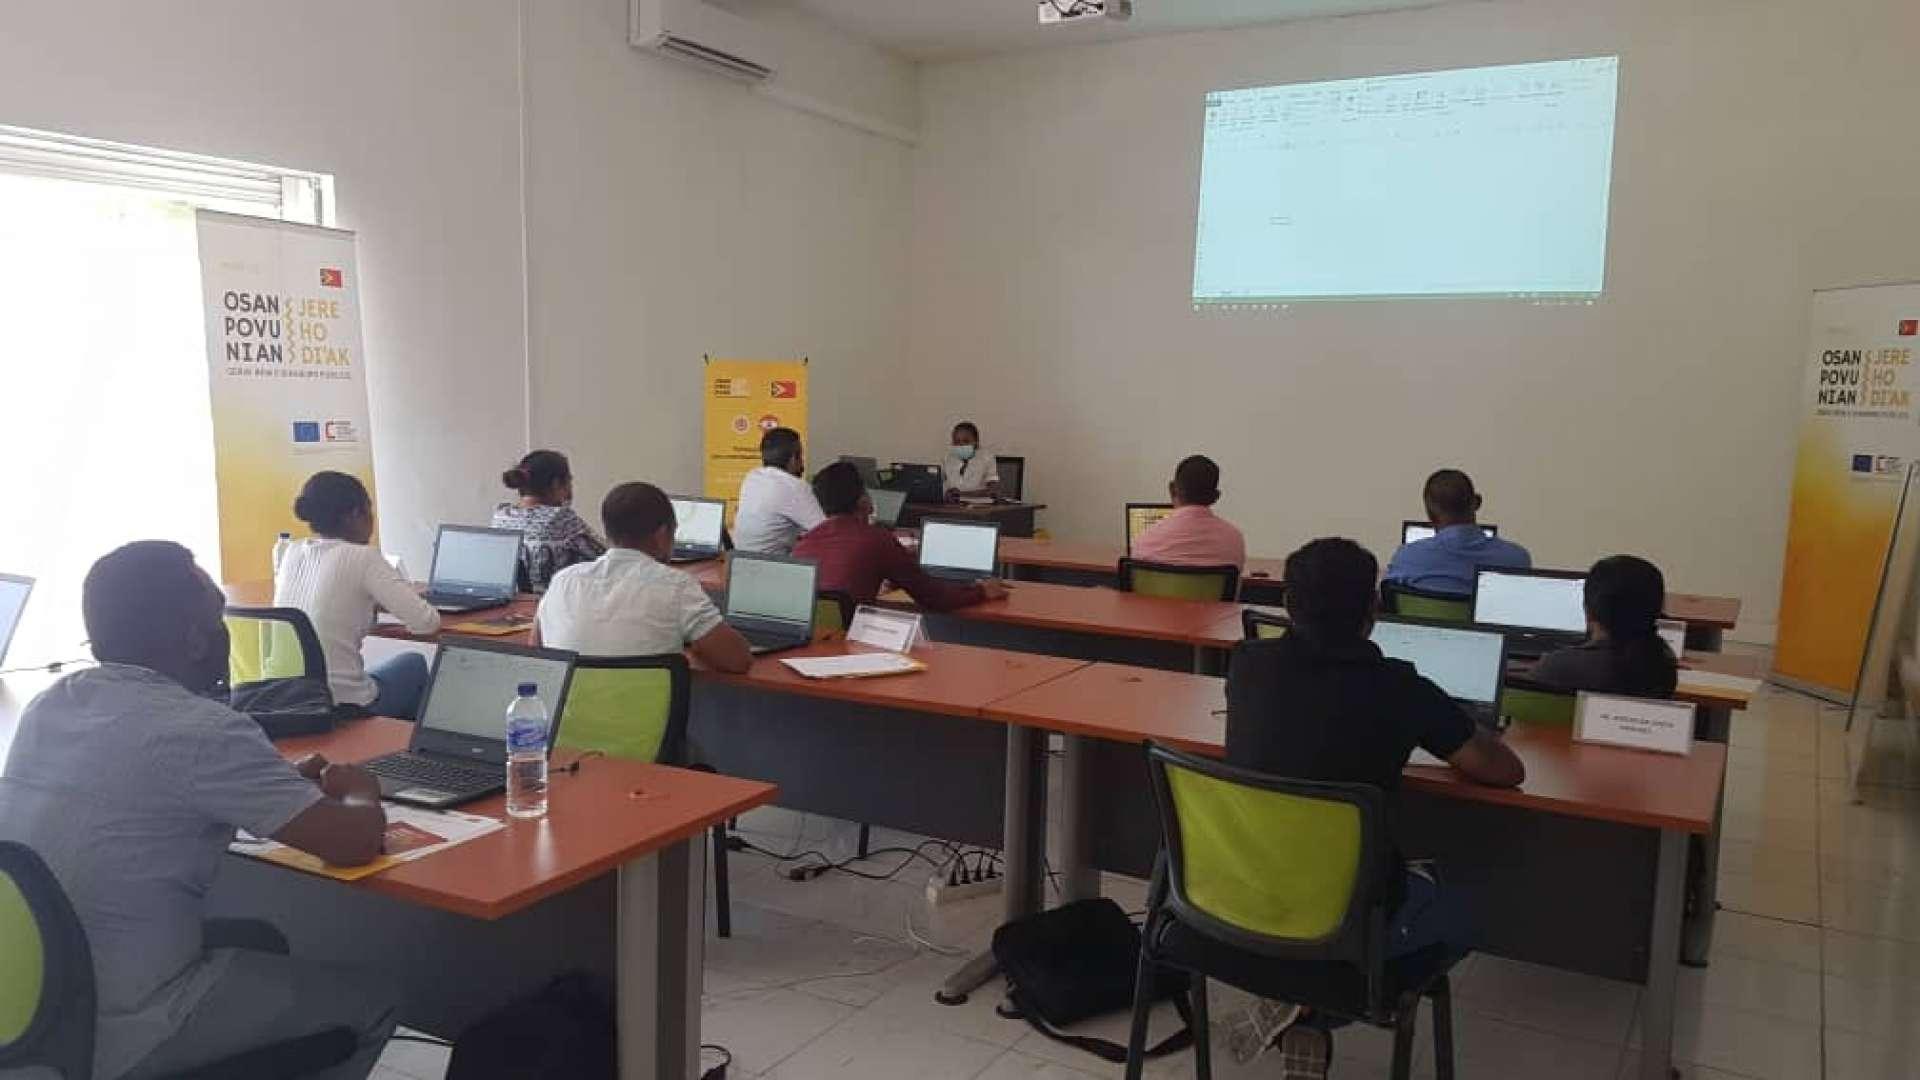 """PFMO """"OSAN POVU NIAN, JERE HO DI'AK"""" realiza a formação de Excel para Investigadores e Analistas da PCIC e CAC"""